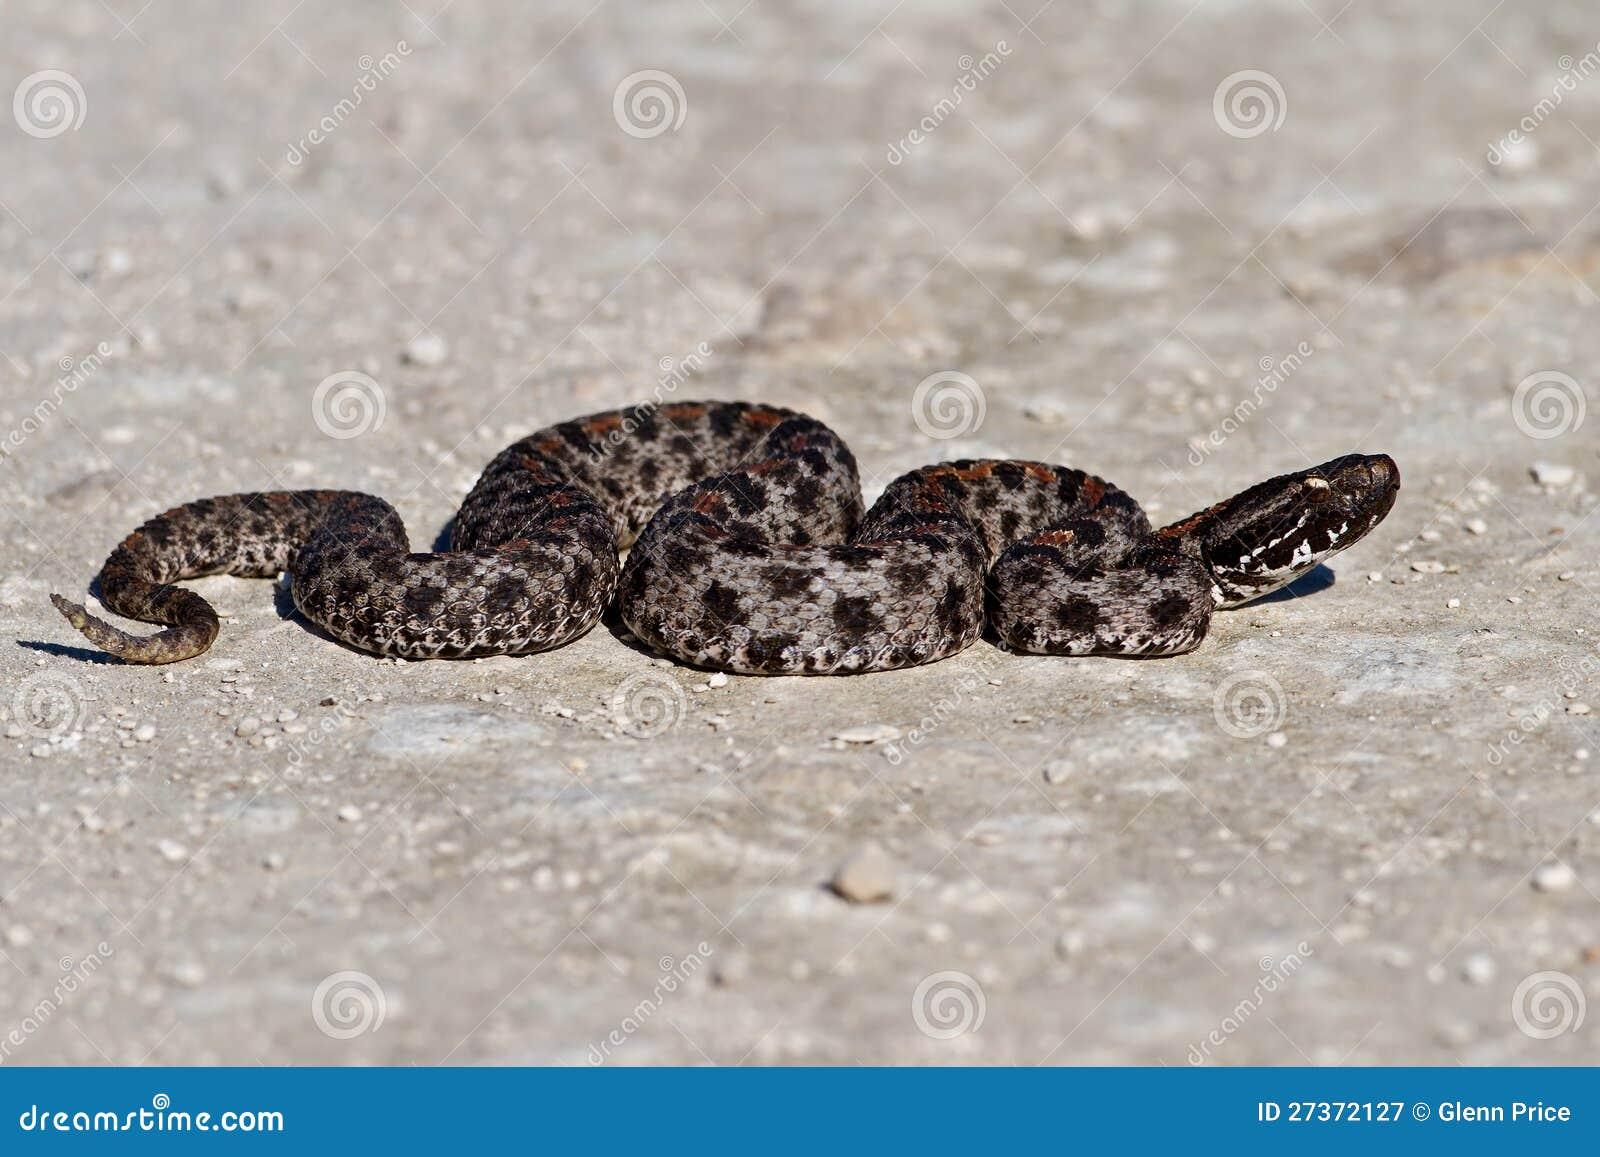 Serpiente De Cascabel Enana Oscura Imagen de archivo - Imagen de ...